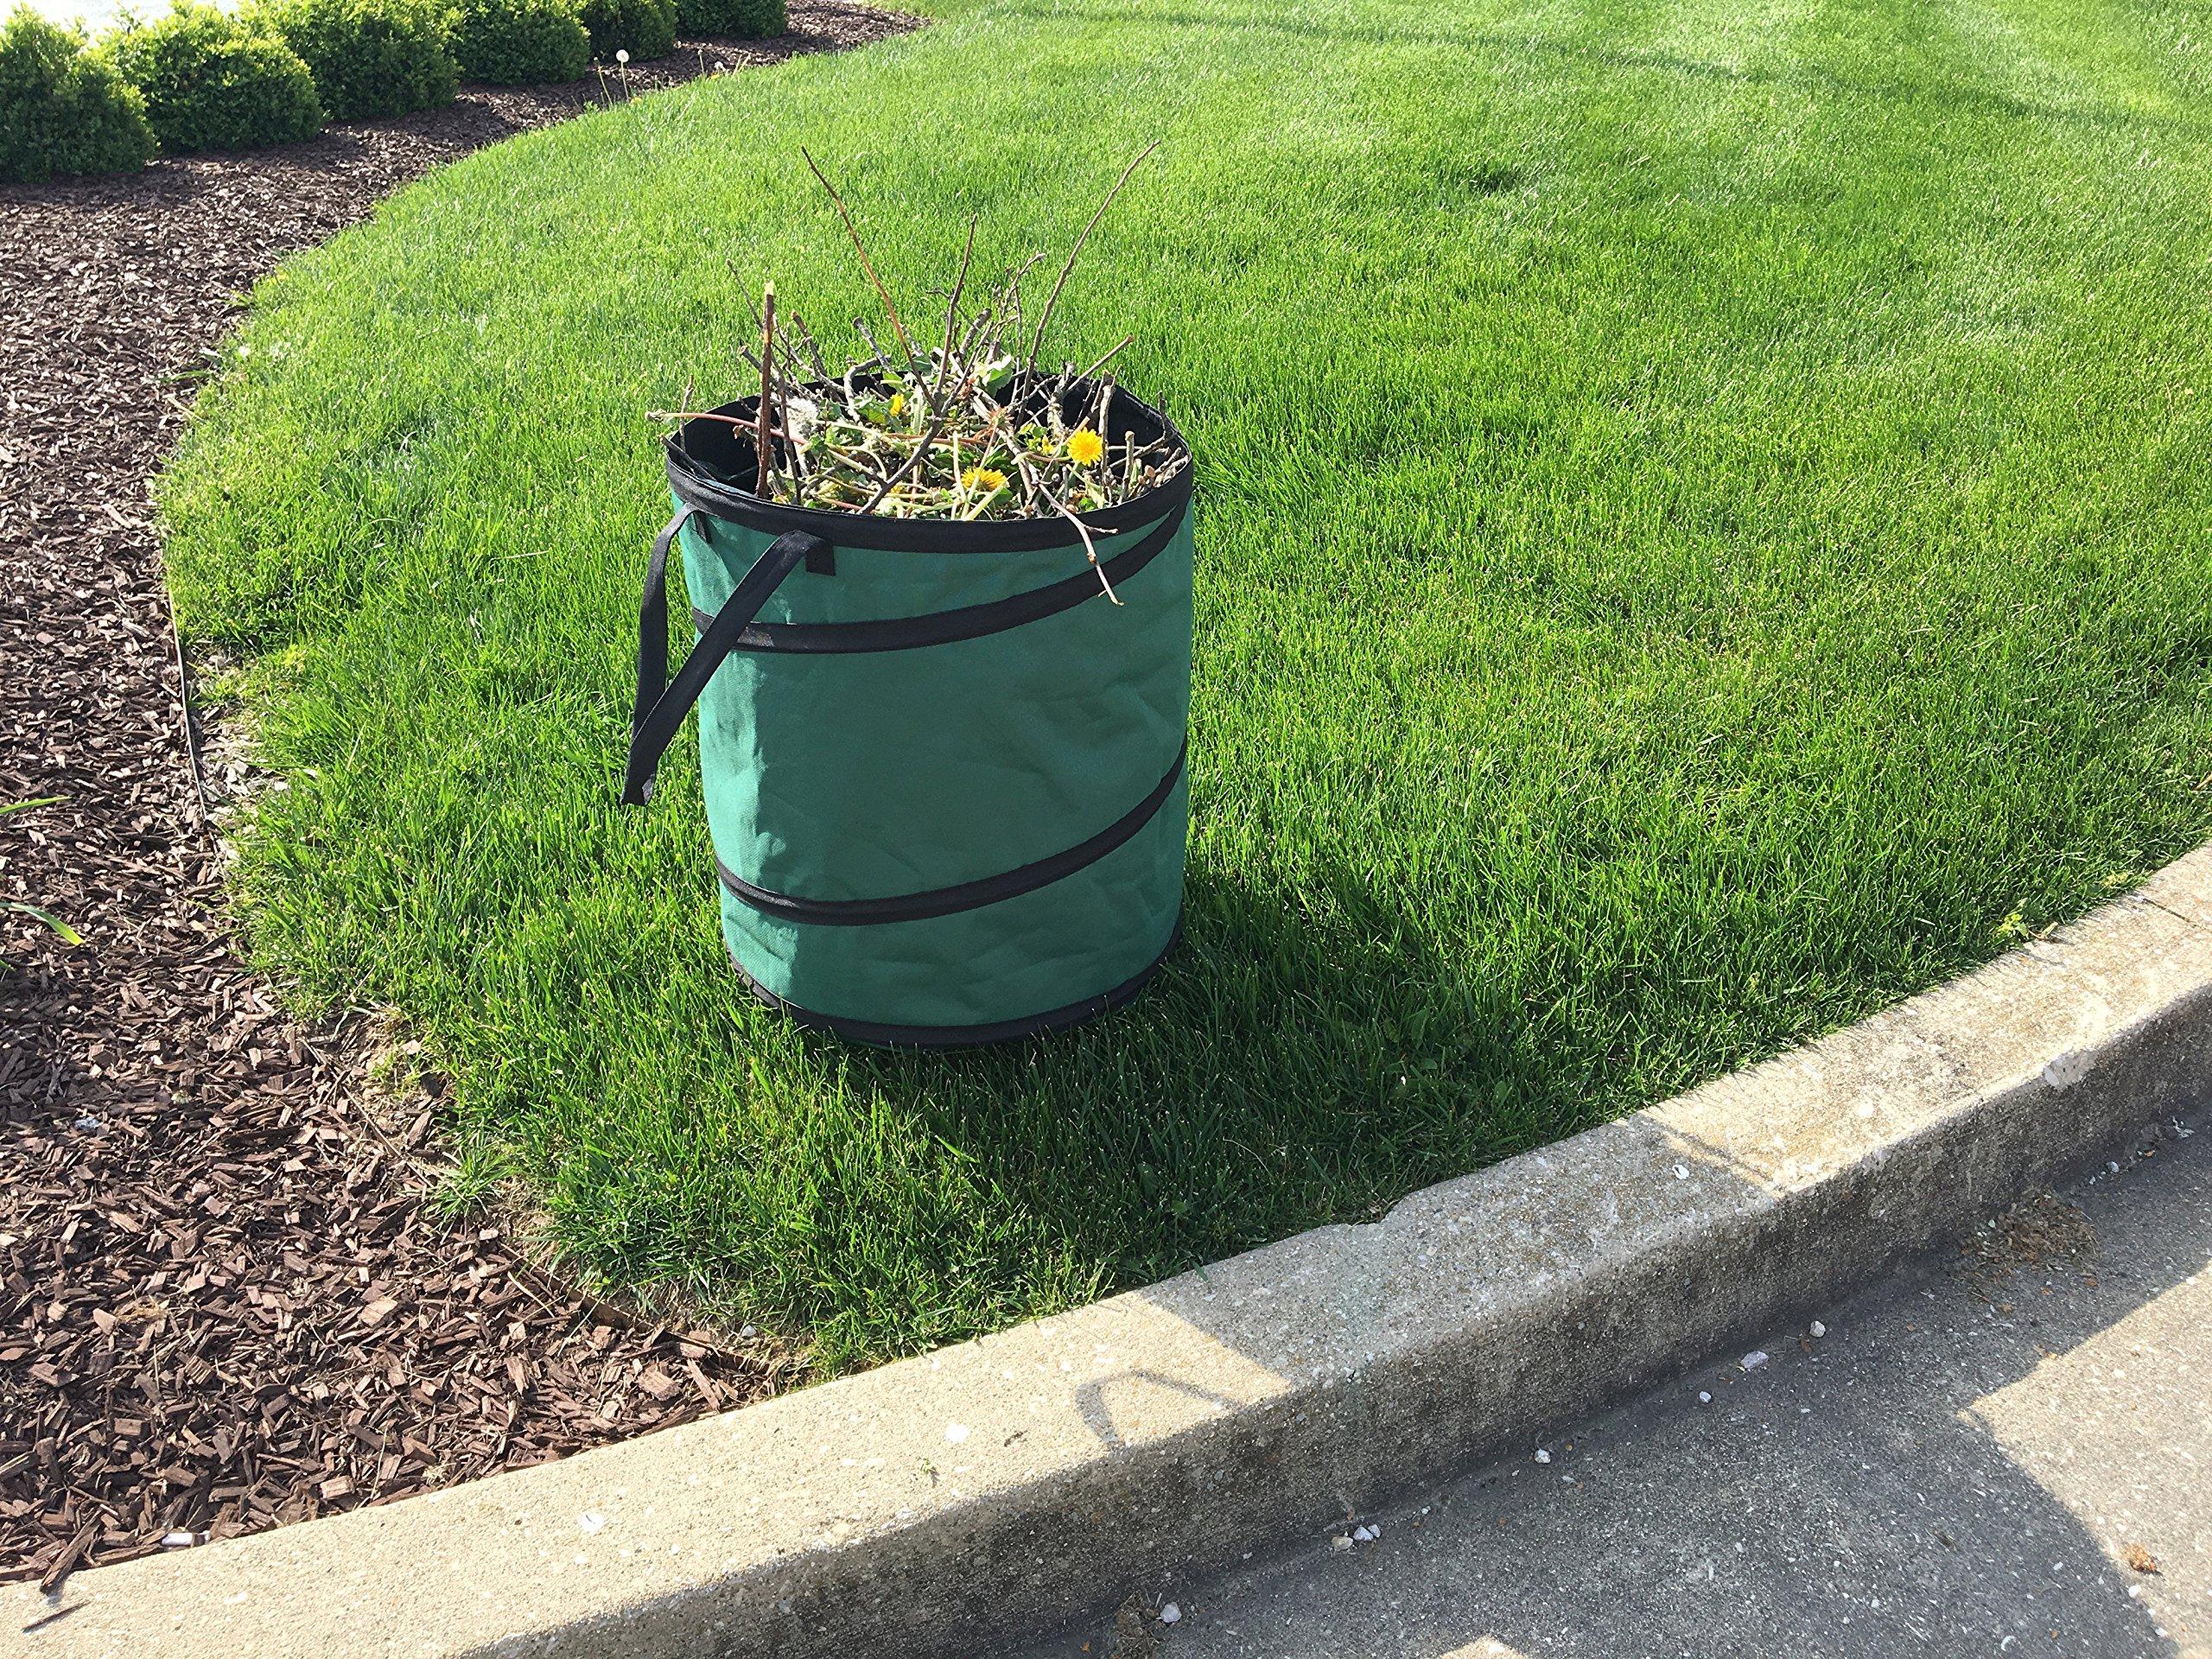 Tierra Garden 55-1870 Pop up Garden Bag, 27 Gallon